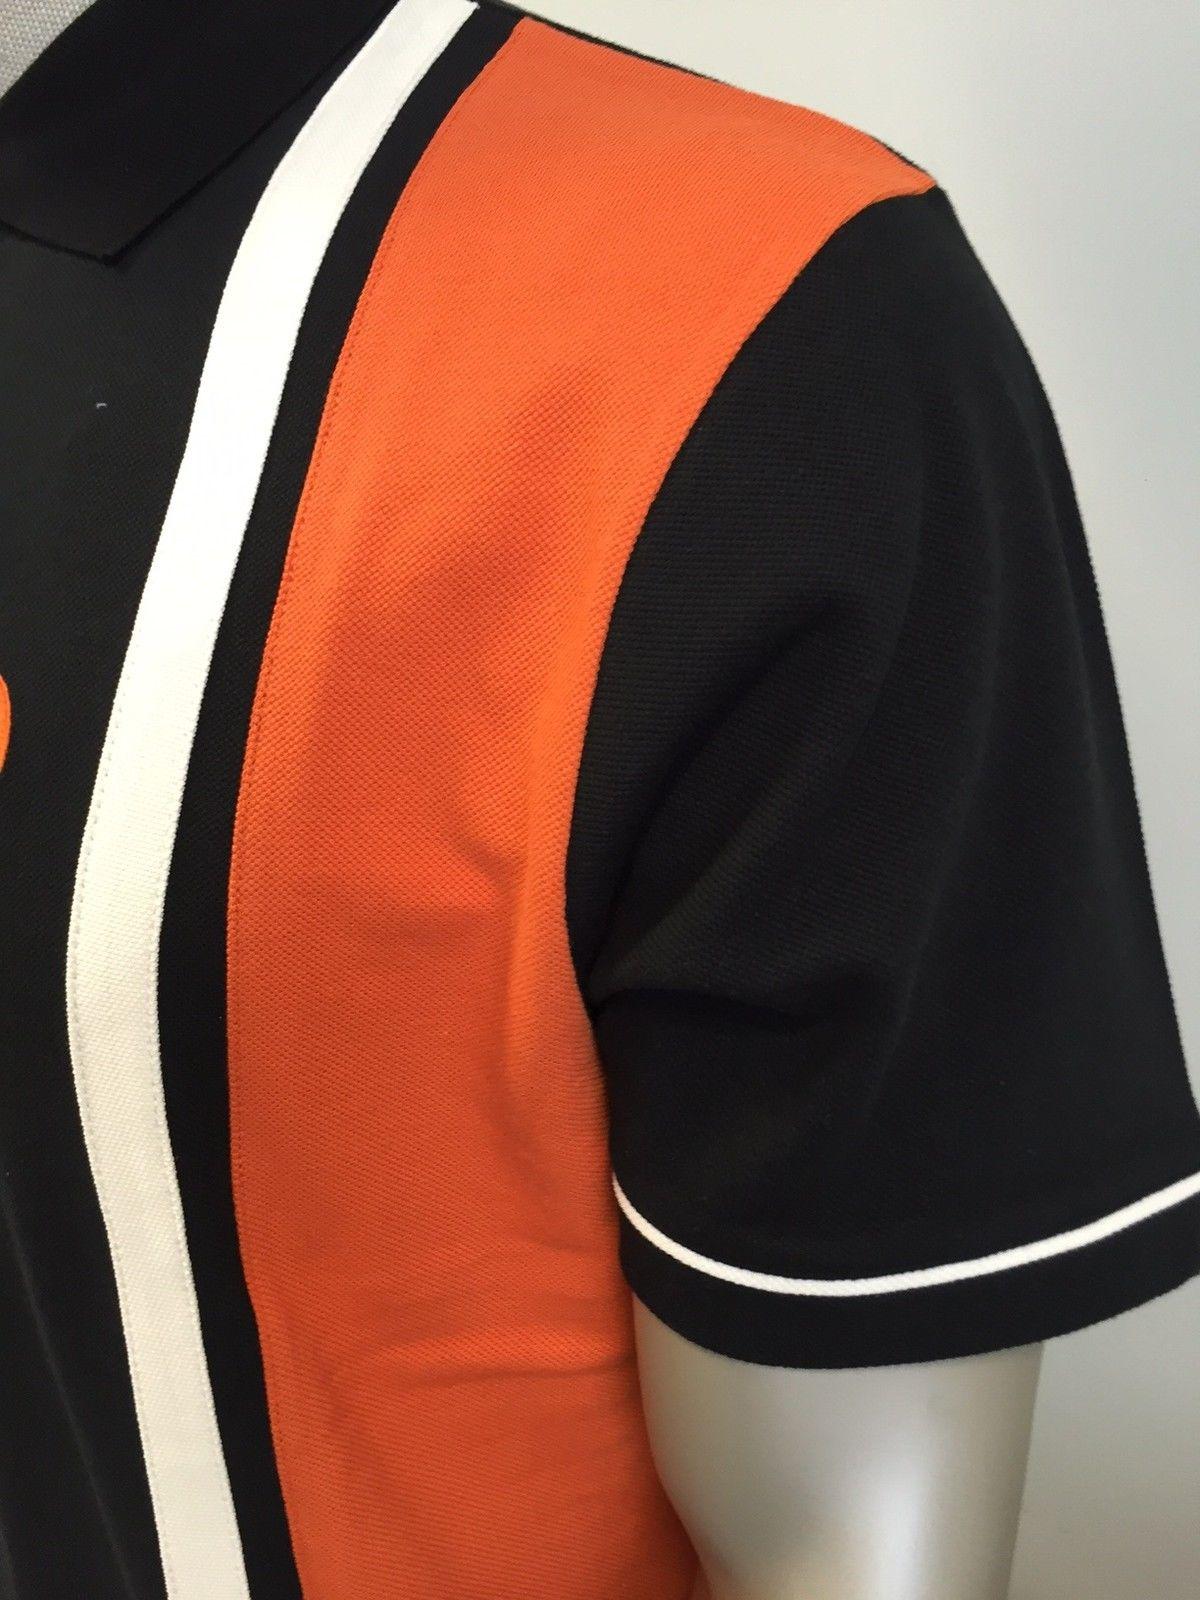 3xl TROJAN tr//8183 nero a strisce con maniche corte ANTERIORE Pique Polo Shirt Taglia Small